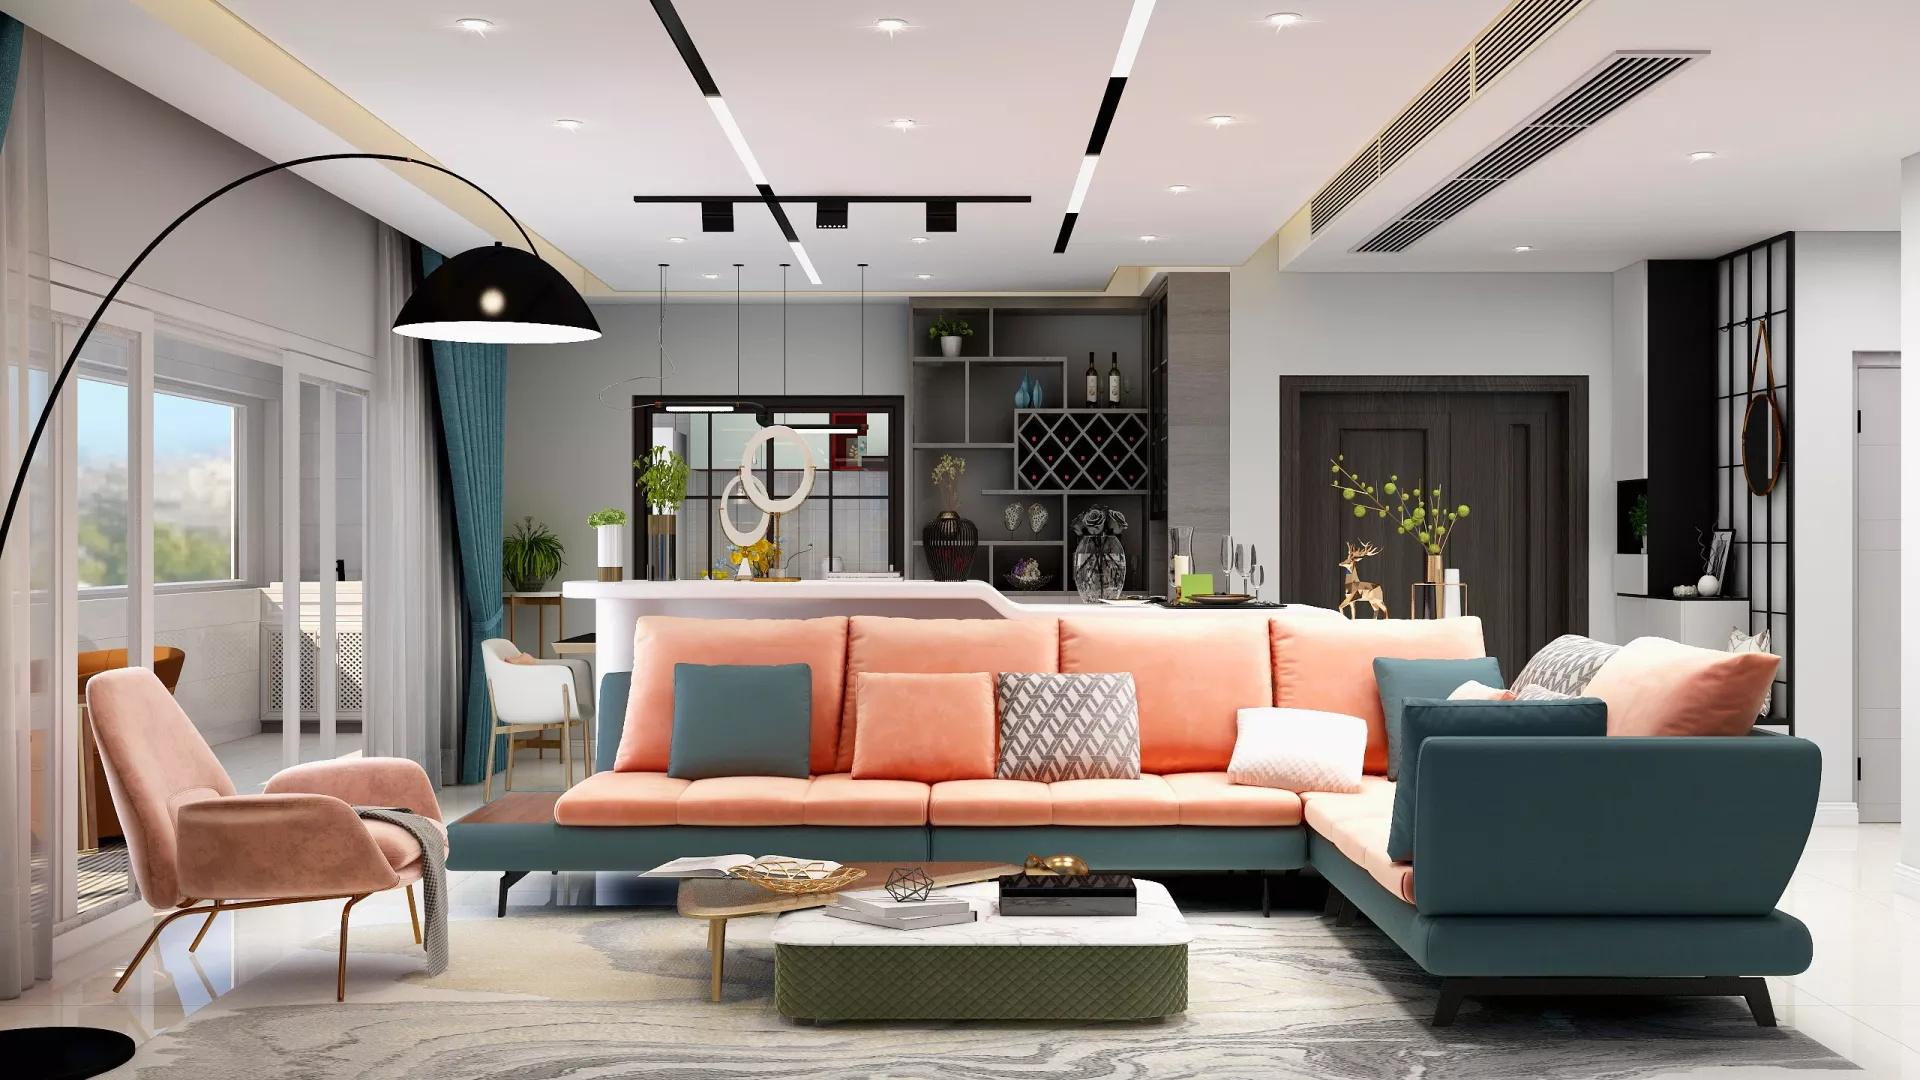 220㎡现代法式风的多元化演绎别墅客厅效果图